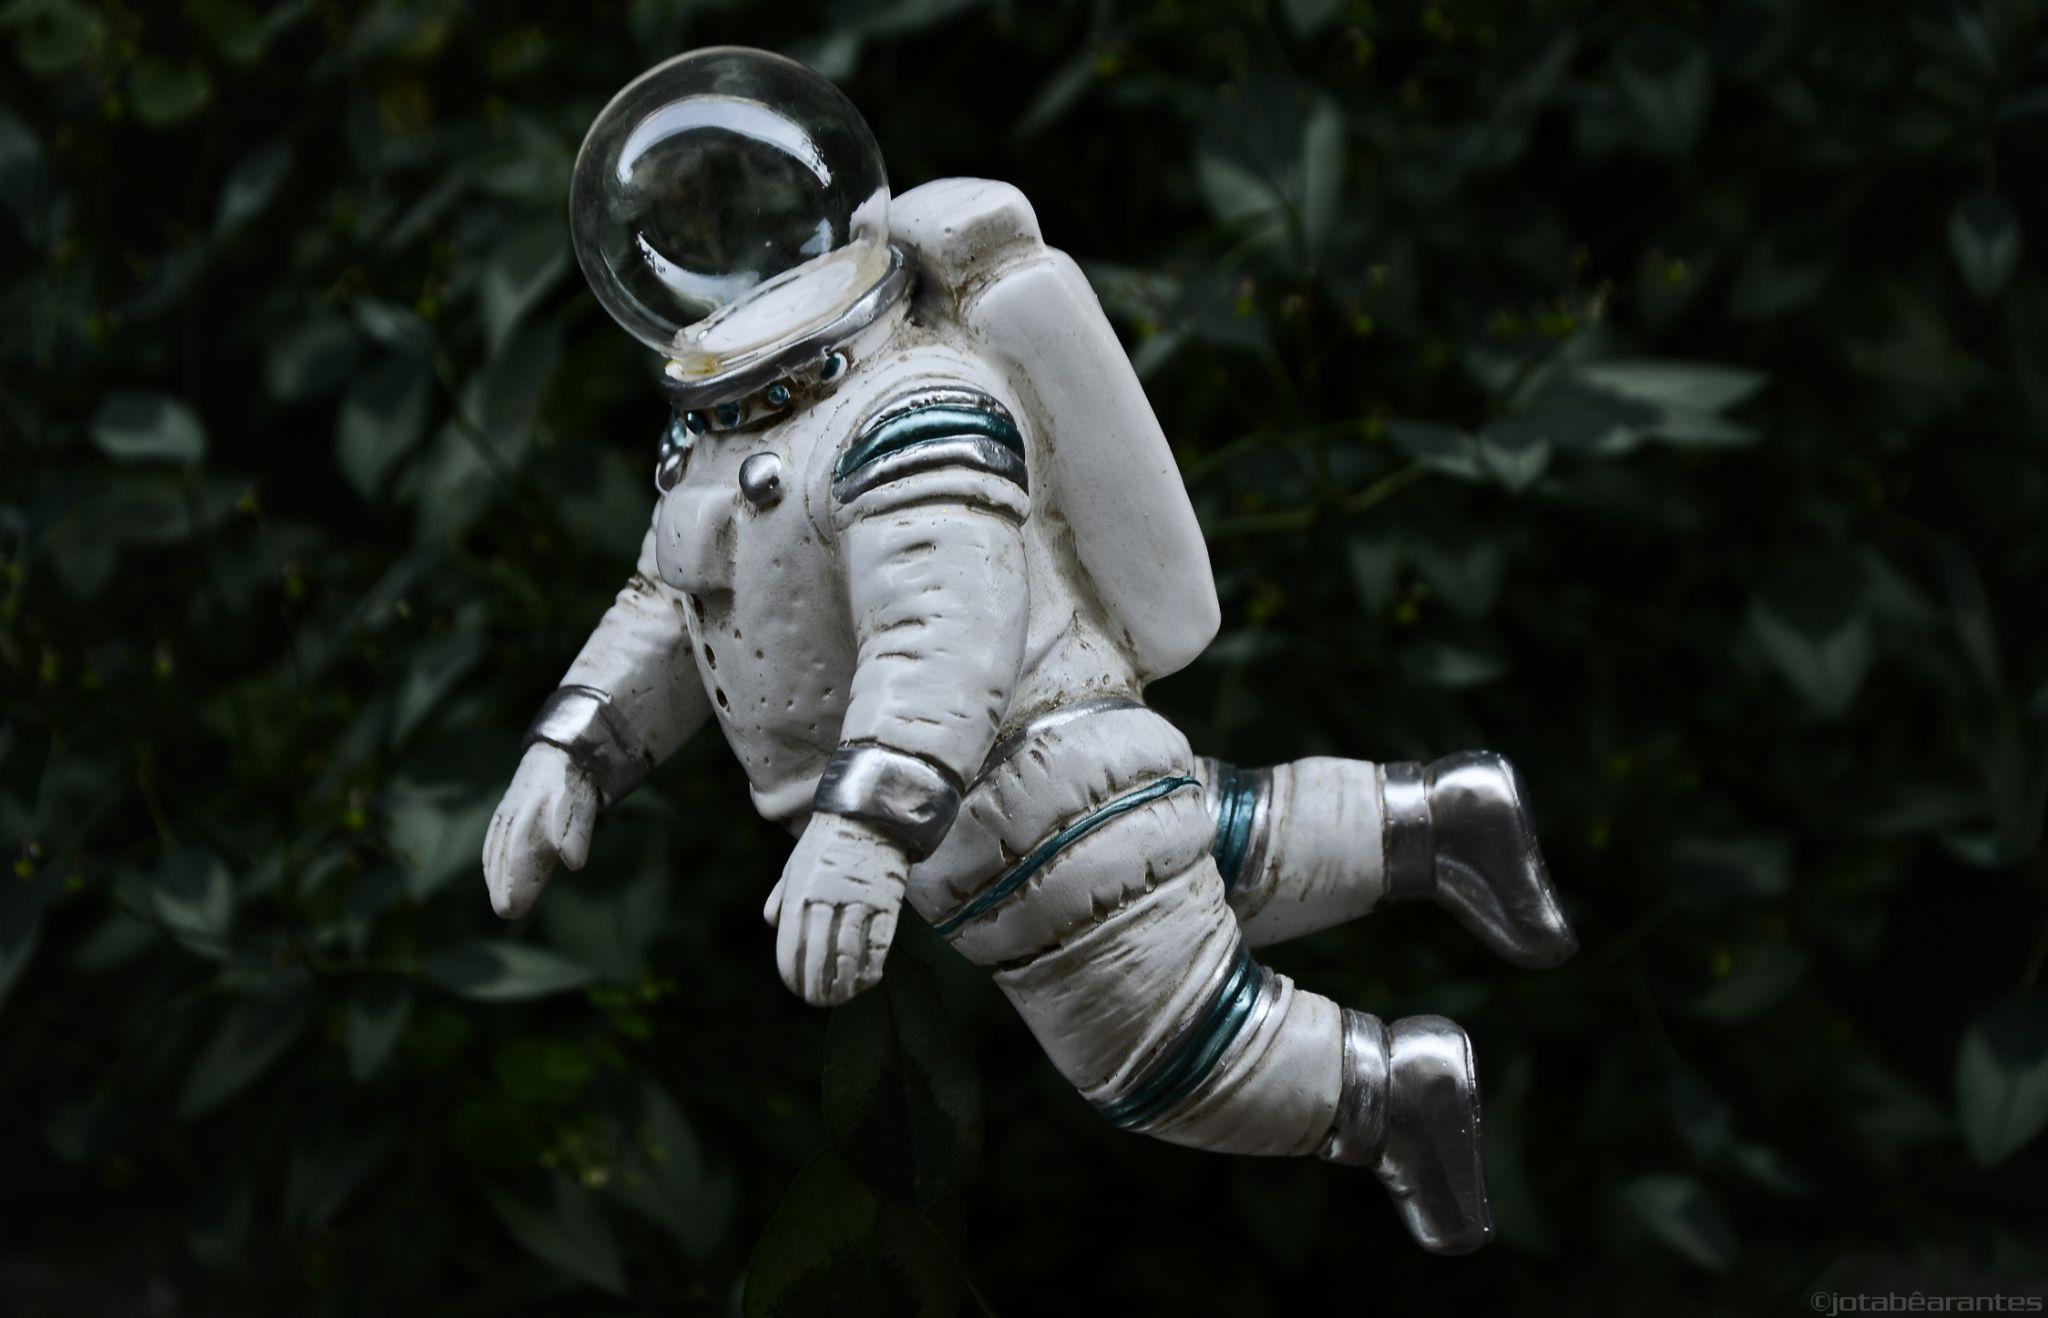 Um asstronauta doidão na floresta by João Arantes